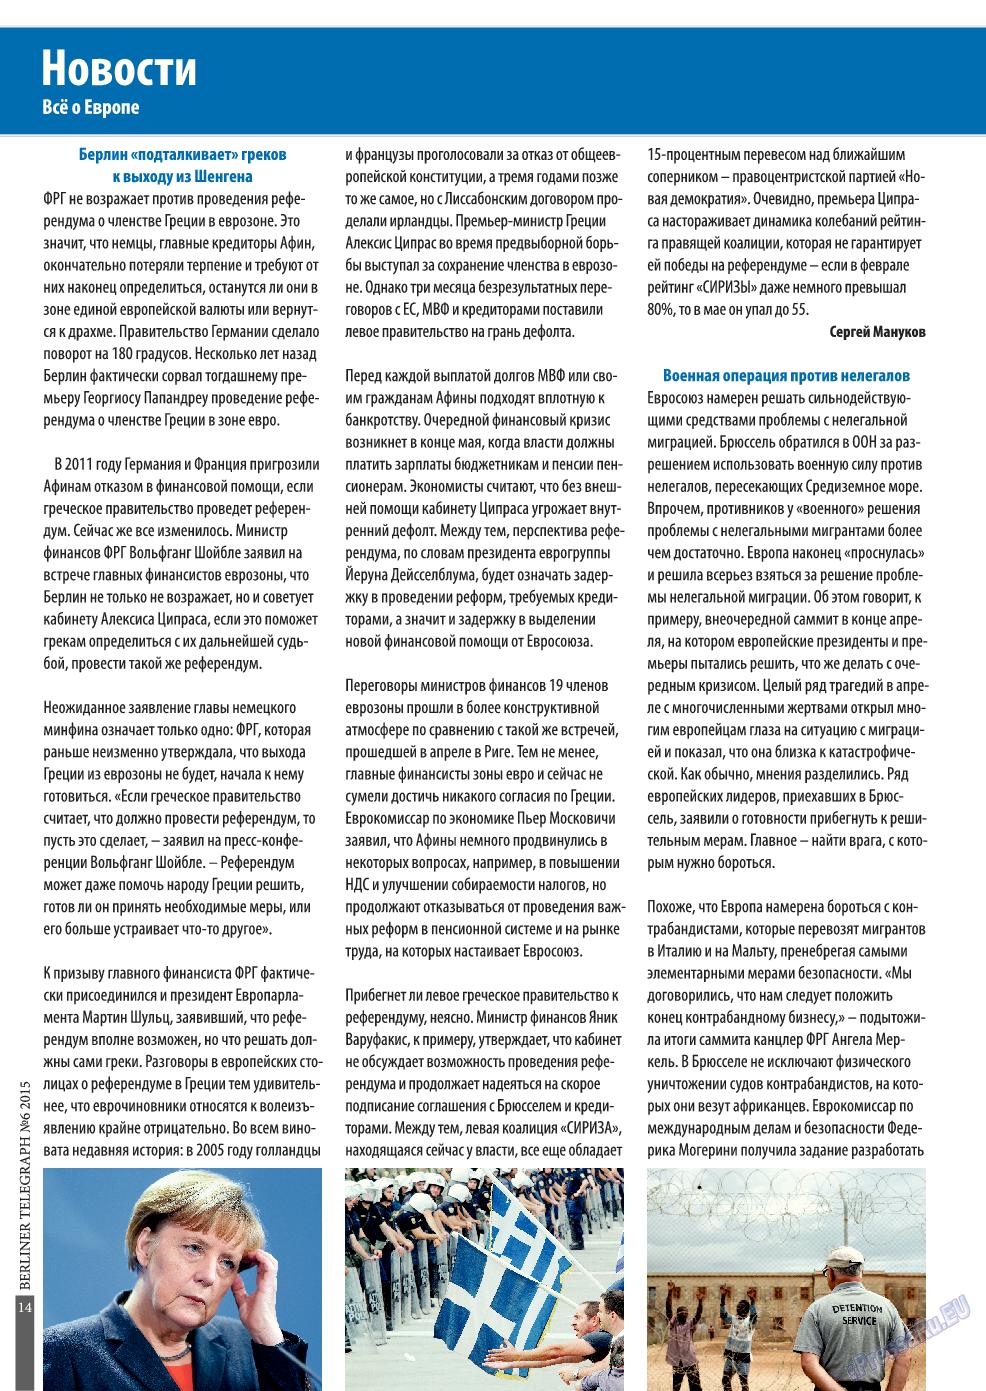 Берлинский телеграф (журнал). 2015 год, номер 6, стр. 14